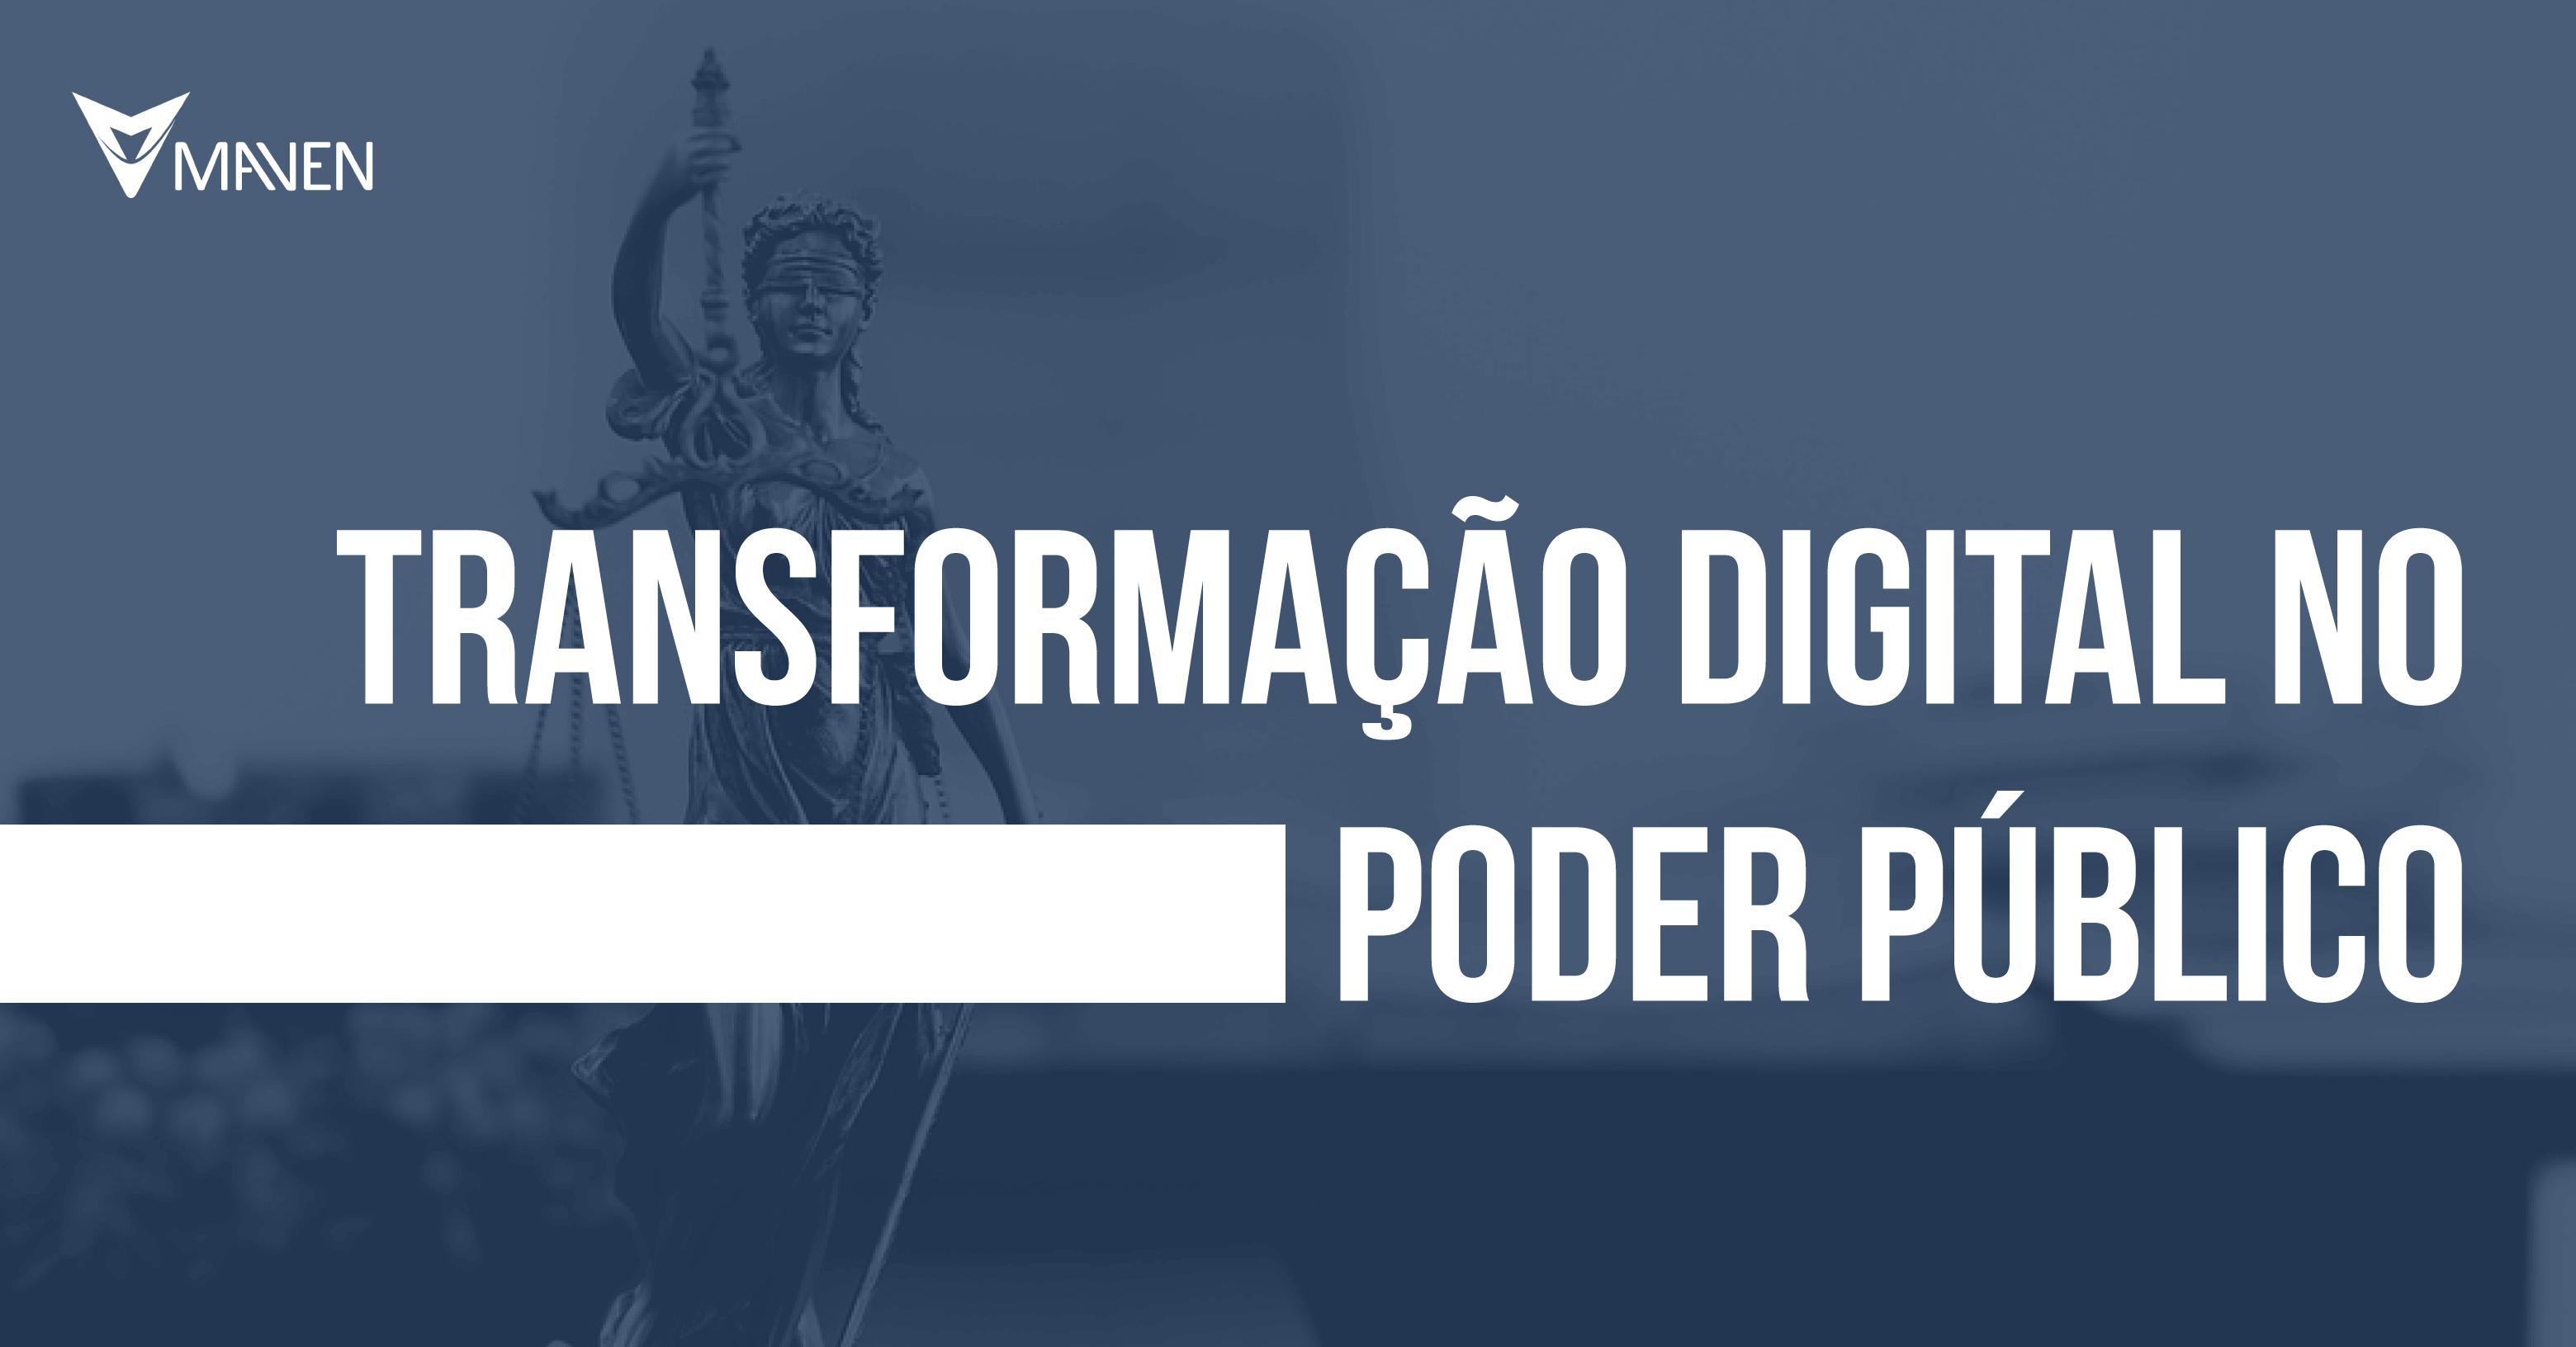 Transformação digital no poder público: quais são os impactos e tendências?